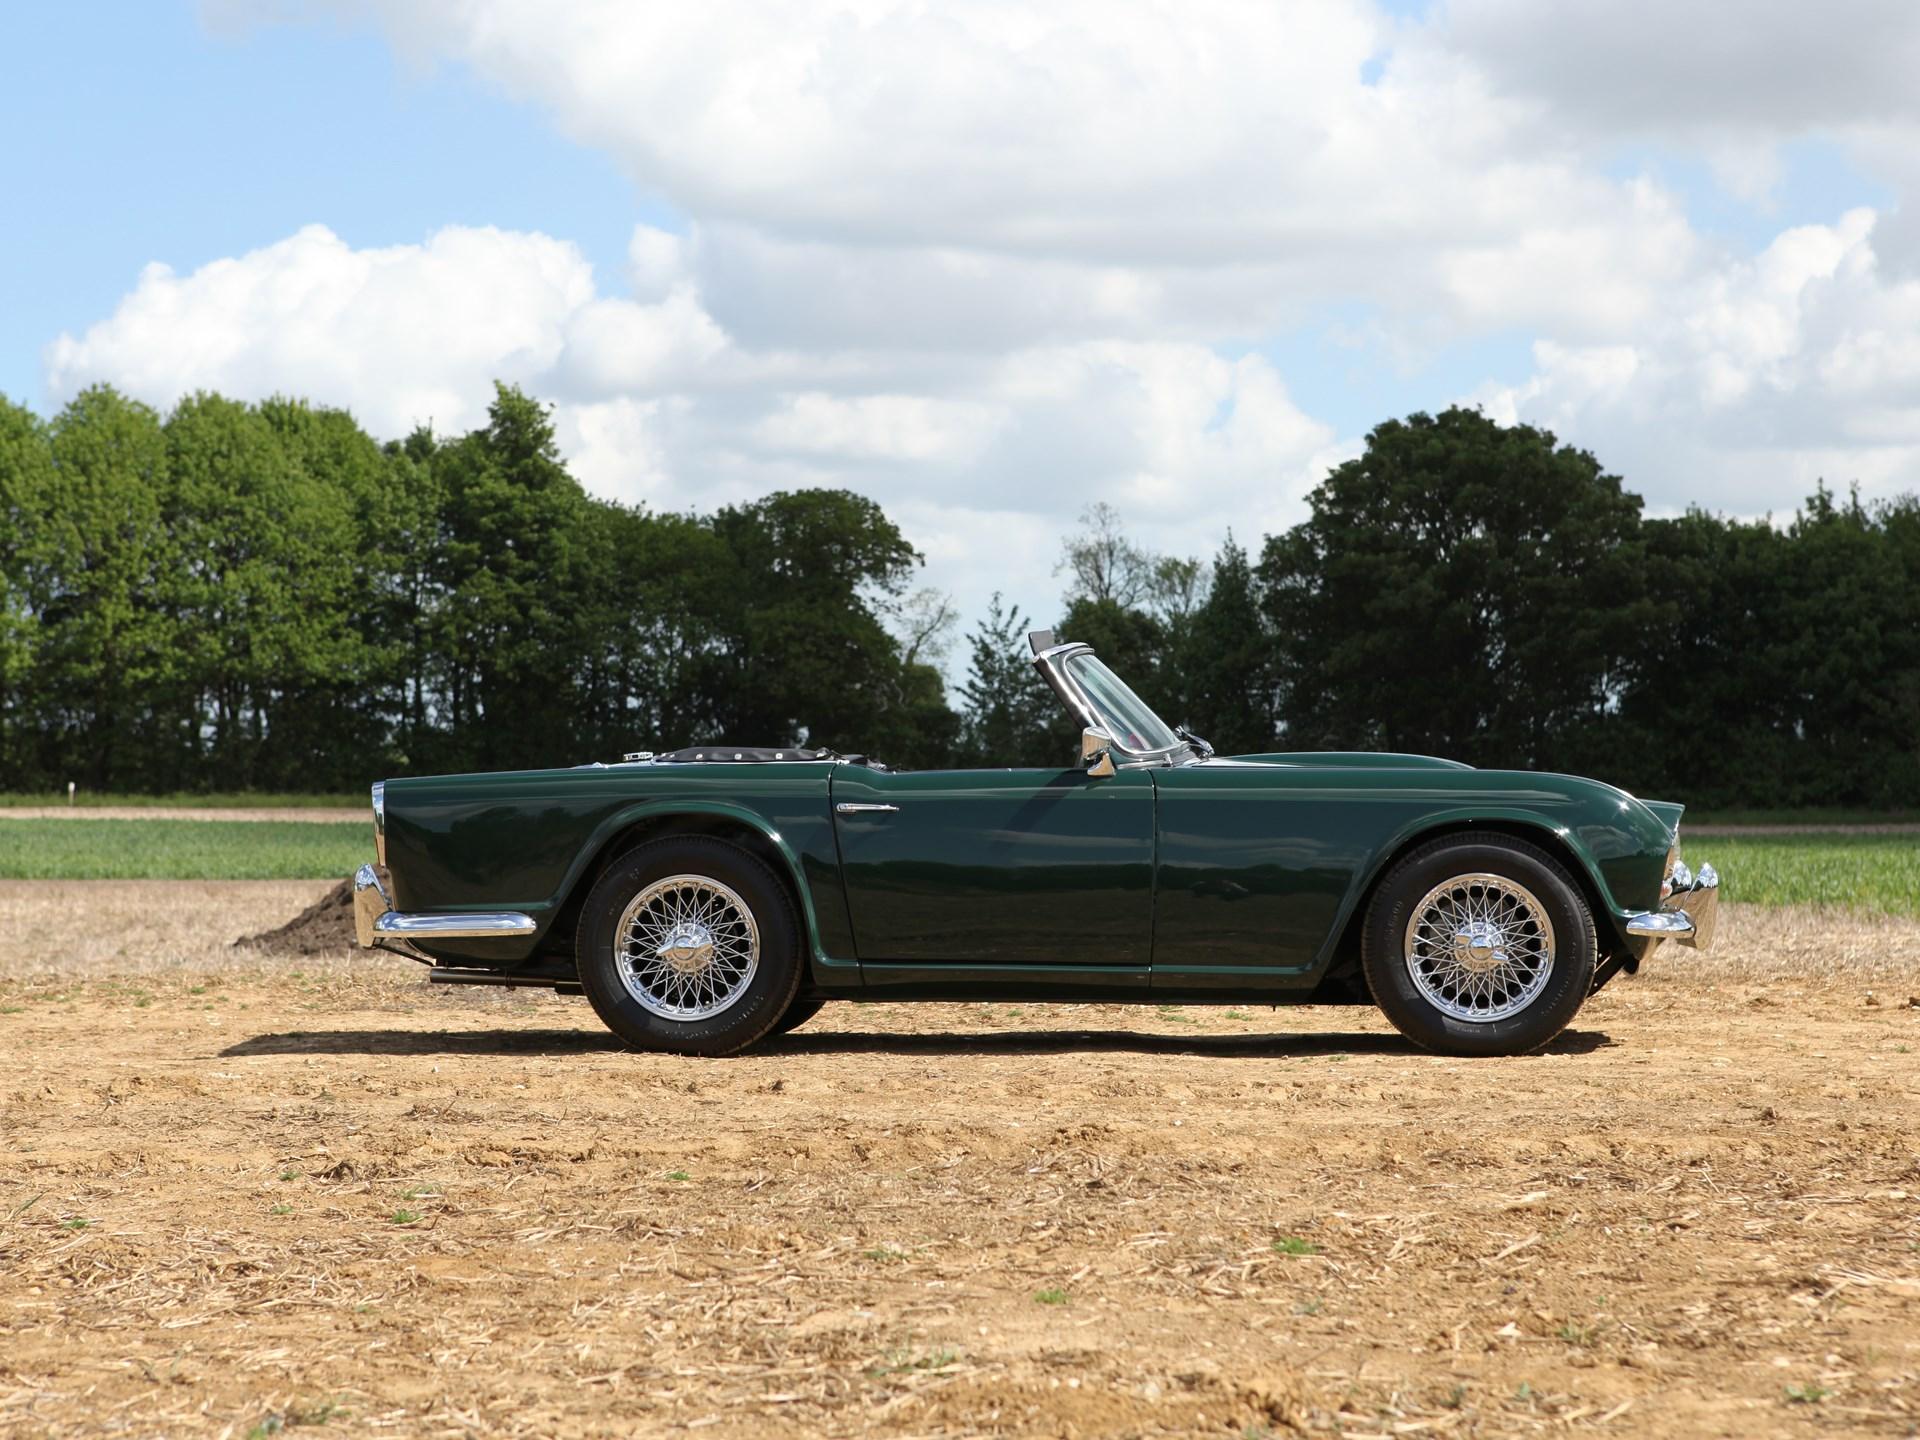 RM Sotheby's - 1962 Triumph TR4 Roadster   Salon Privé 2011